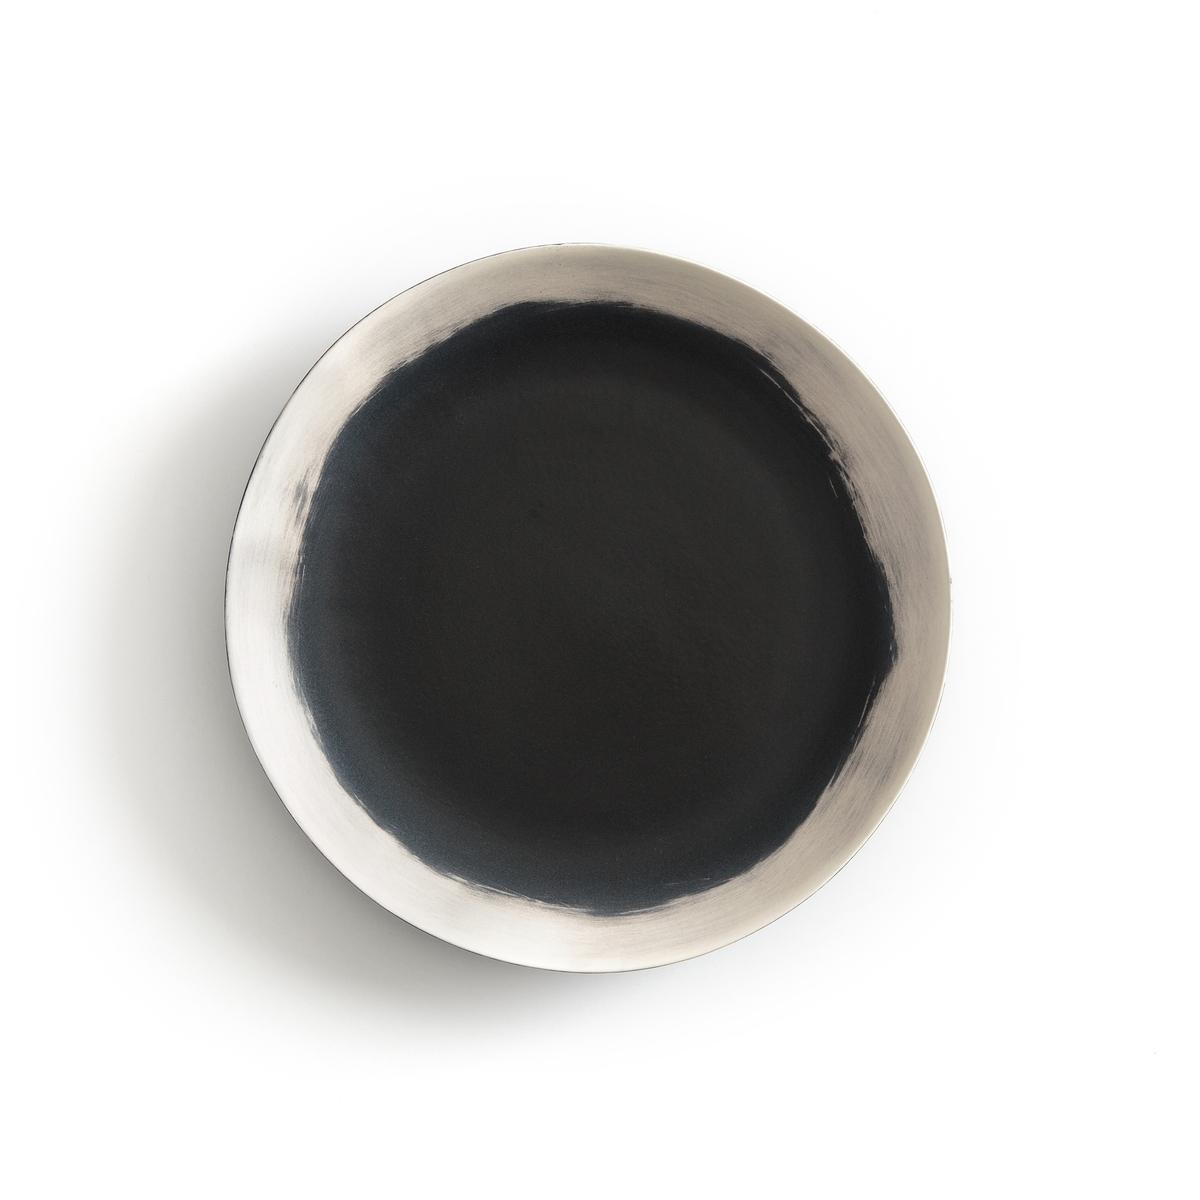 Тарелка плоская из фаянса, Asakan By V.Barkowski (x4)4 плоских тарелки Asakan. Творение Валери Барковски эксклюзивно для AM .PM коллекция предметов для стола, созданная под вдохновением от ее путешествий в Индию или Марокко, с оригинальными рисунками и формами, из натуральных материалов и текстуры ткани без отделки.Аутентичность и вечность - вот ее ключевые слова, в которые в полной мере вписываются ее творения, находящиеся за пределами модных веяний, соединяющих простоту, оригинальность и ручное производство.Рисунок в виде черного круга с неровными краями выполнен вручную. Чашки и блюда из комплекта продаются на нашем сайте .Характеристики : - Из эмалированного фаянса с матовой отделкой - Выполненный вручную рисунок может слегка отличаться на разных моделях- Можно использовать в посудомоечных машинах и микроволновых печахРазмеры : - ?28 x H2,3 см .<br><br>Цвет: черный/ белый